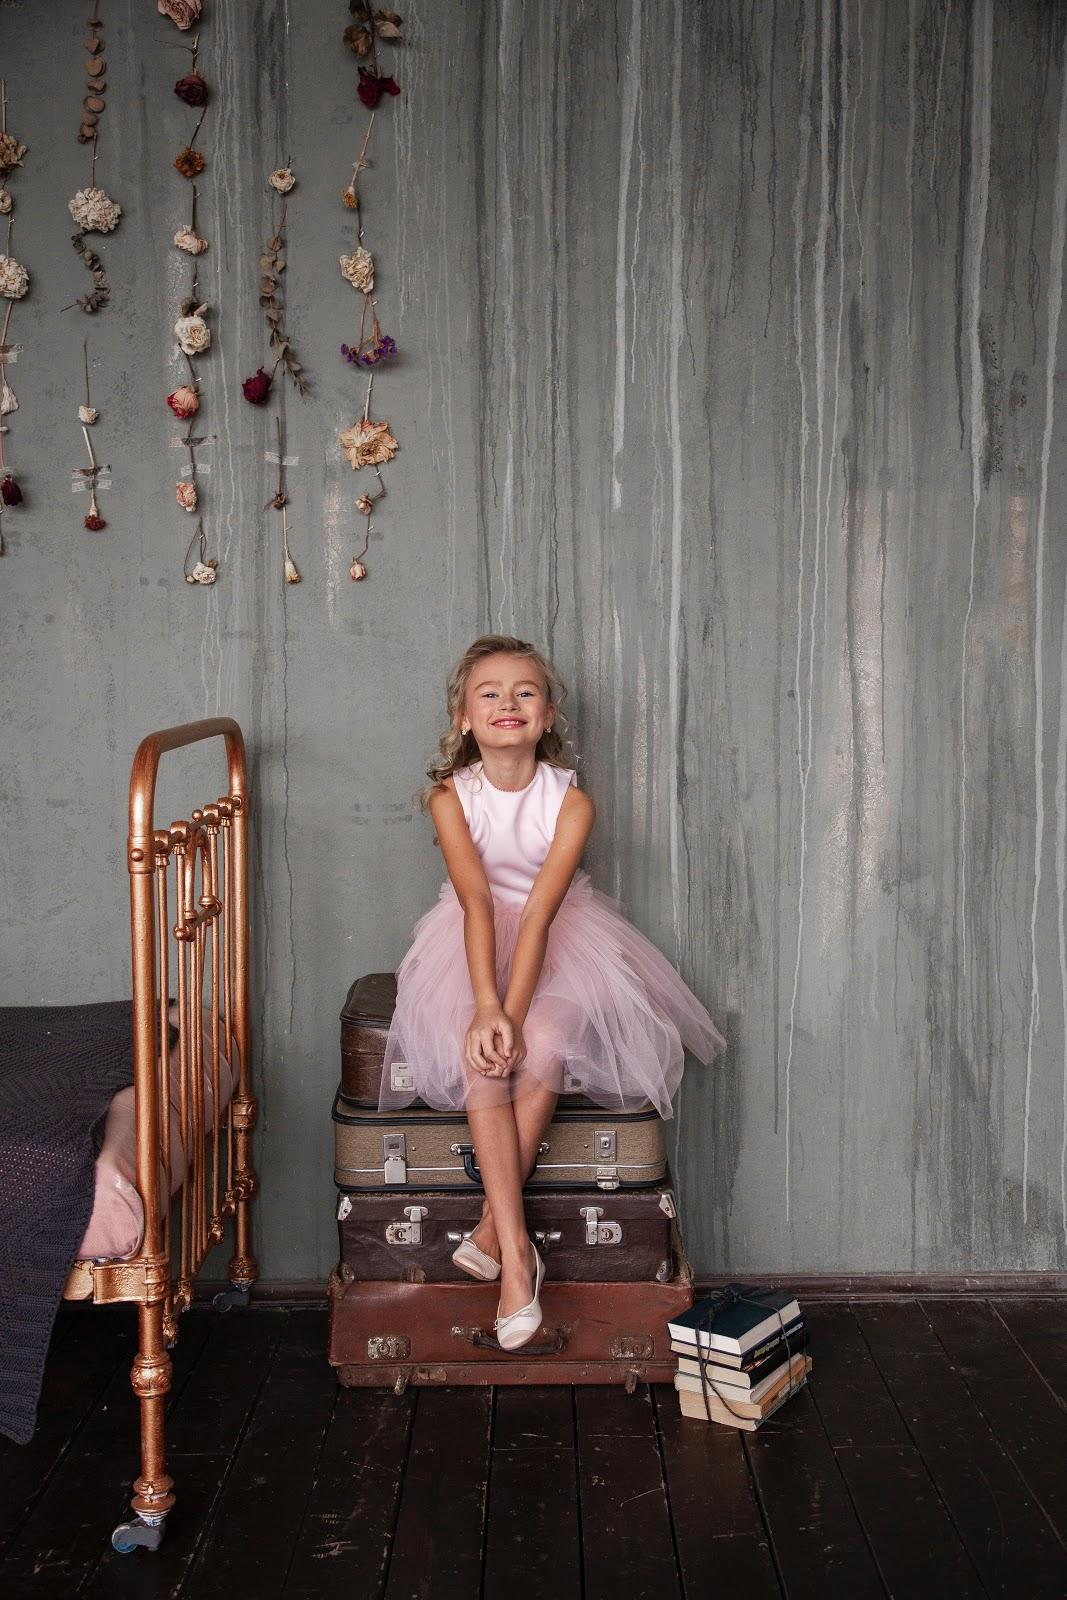 Meisje op koffers - op vakantie met de kids